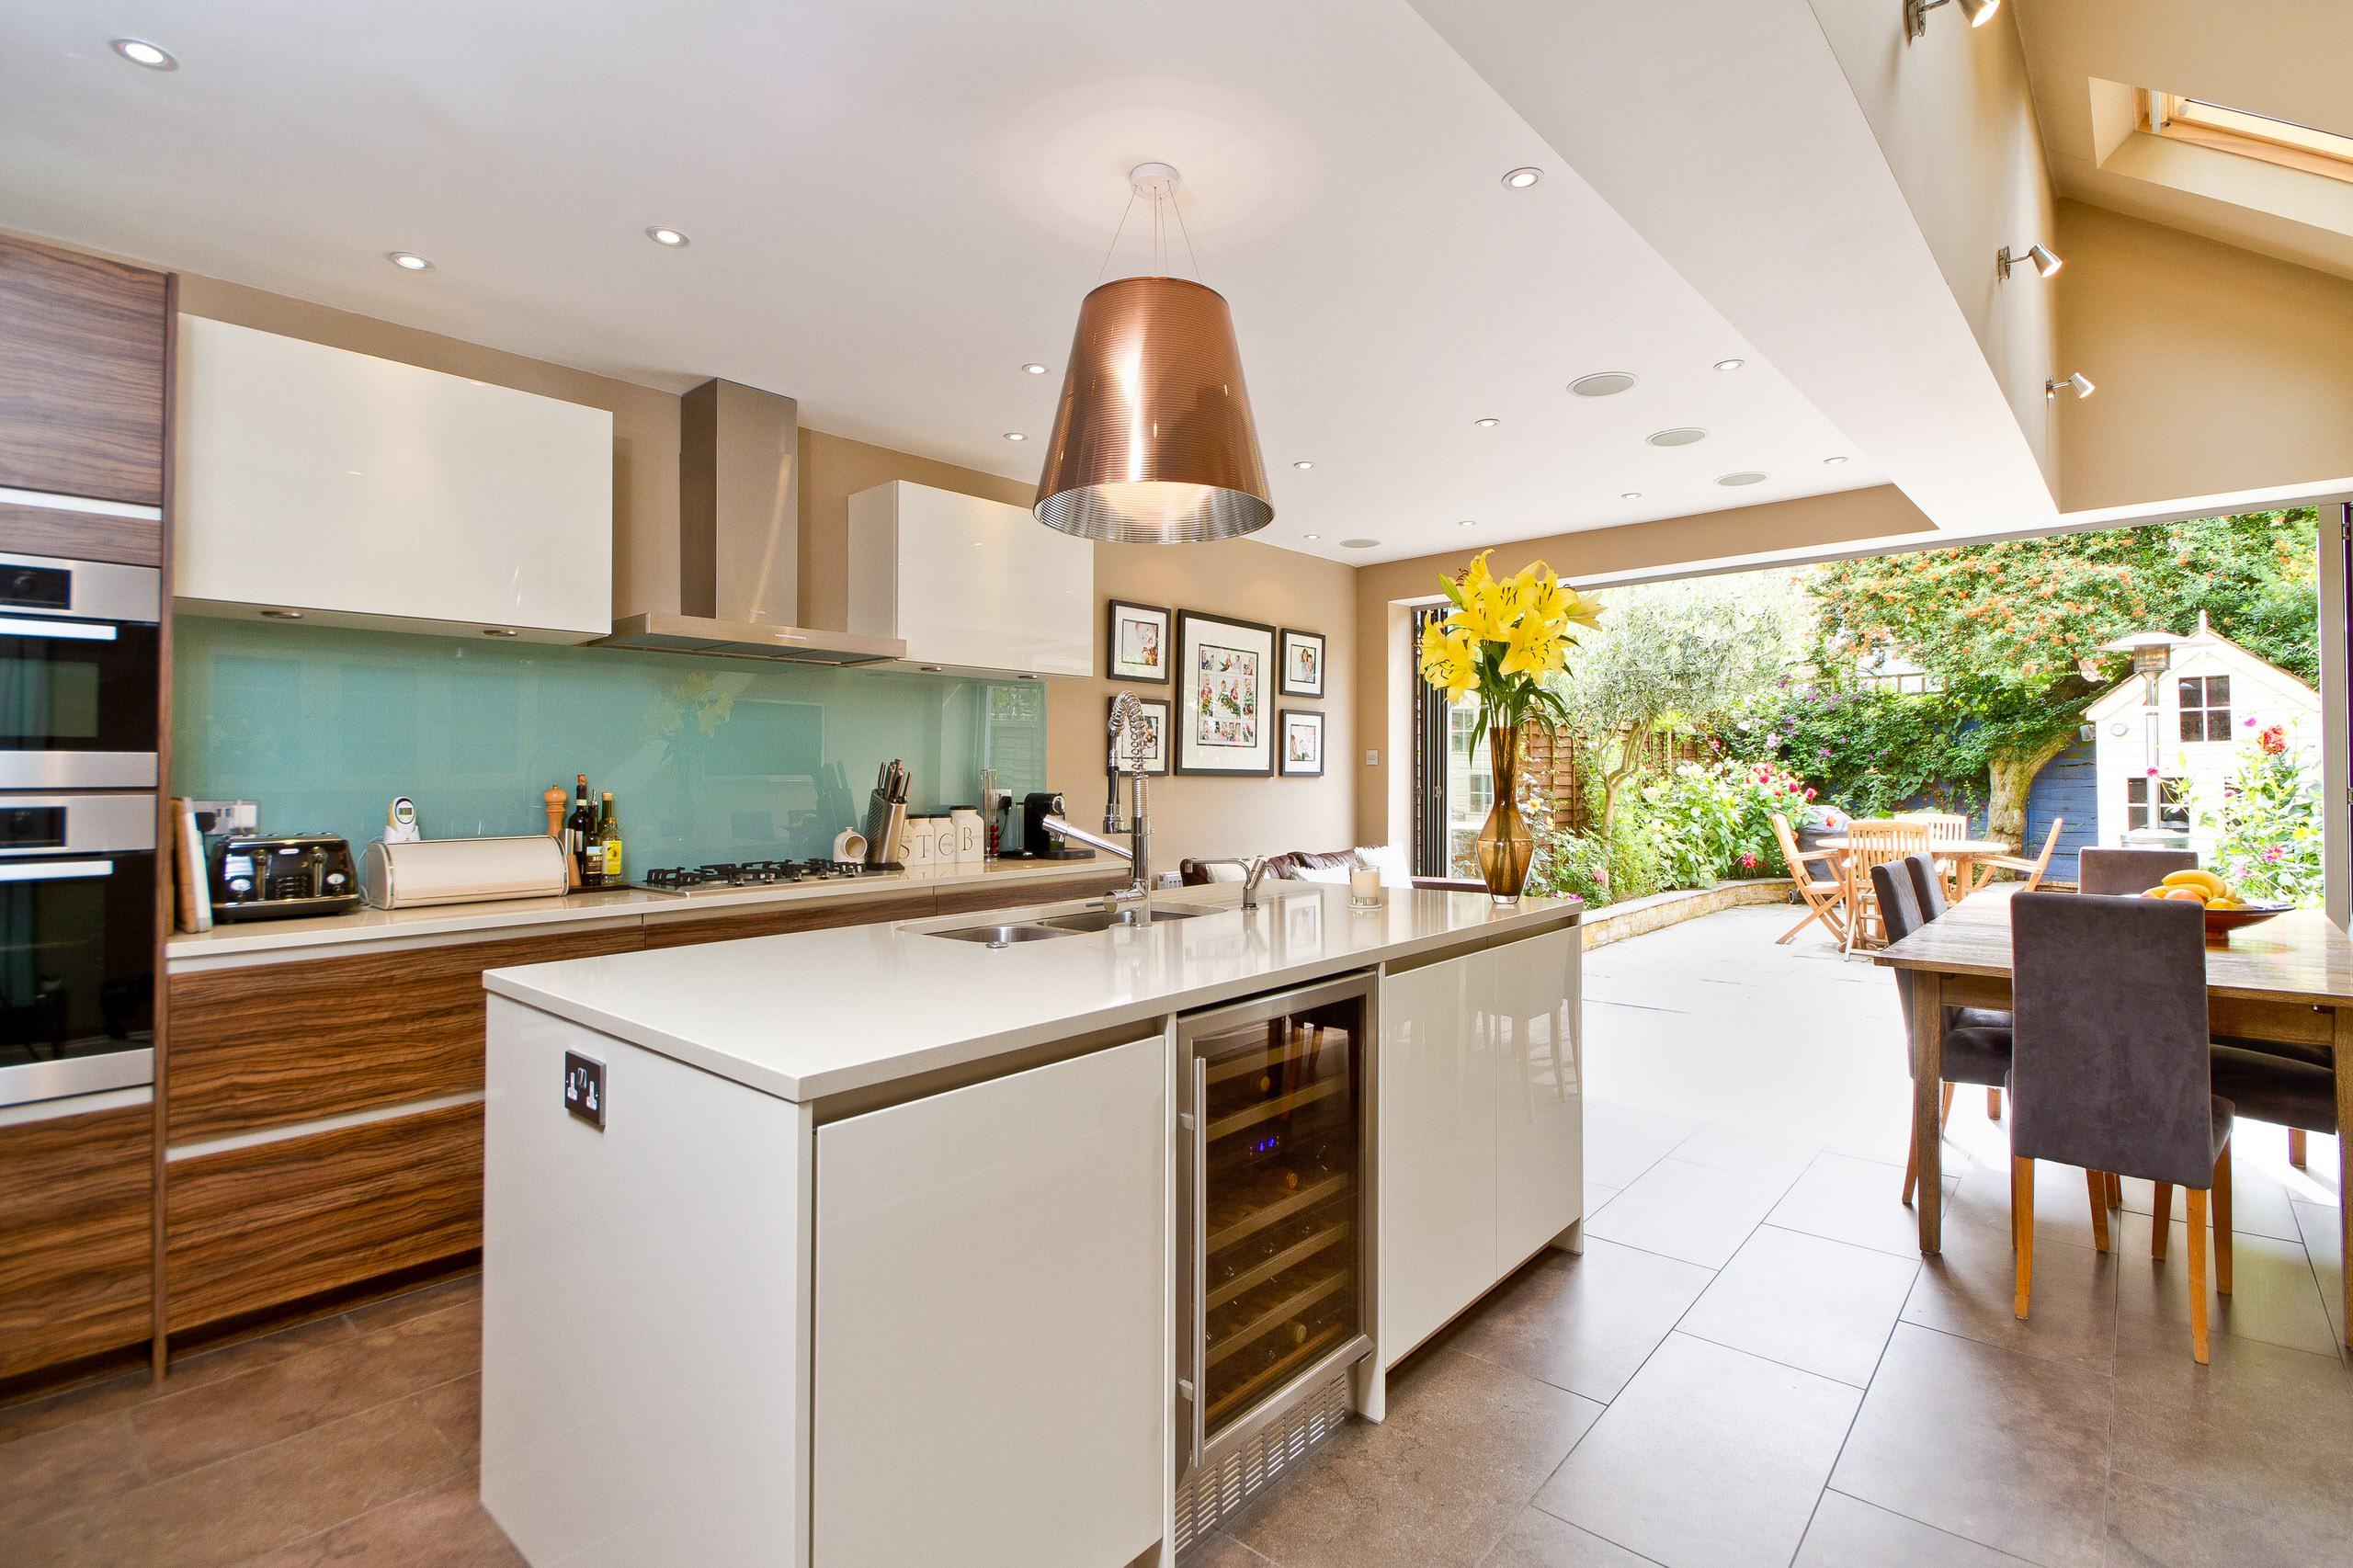 Cuisine élégante d'une maison privée avec accès à la terrasse